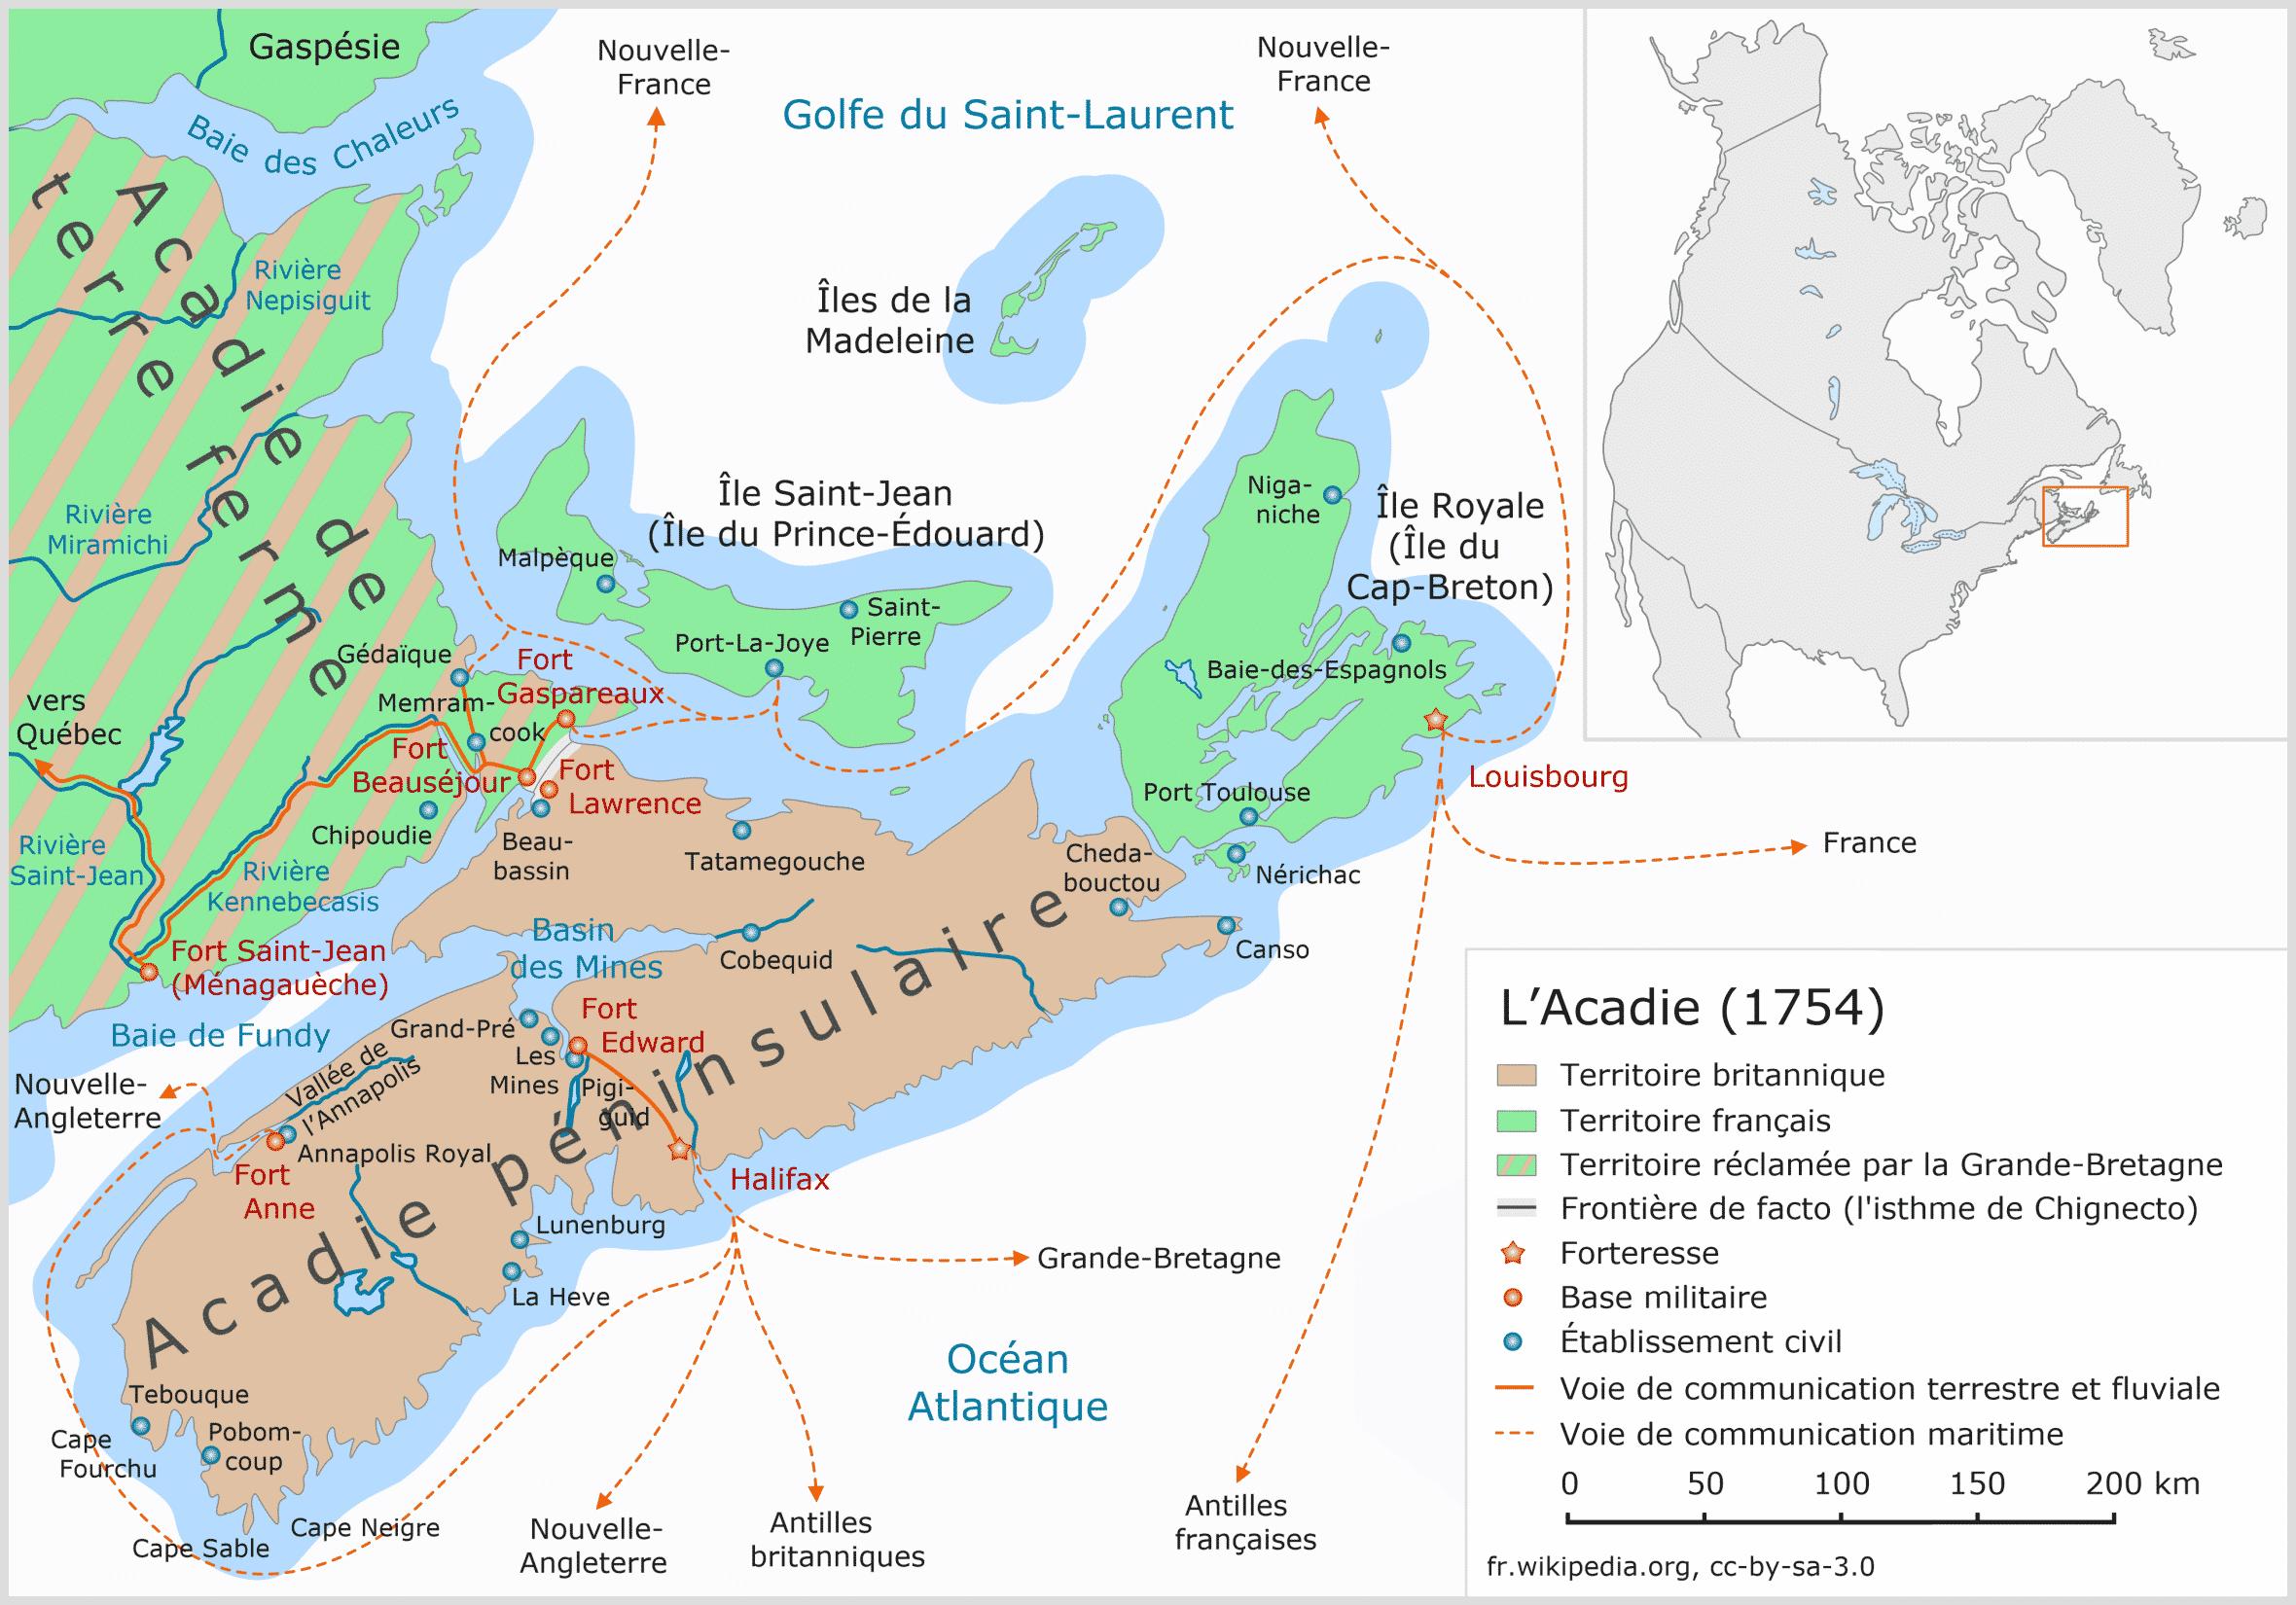 L'Acadie en 1754